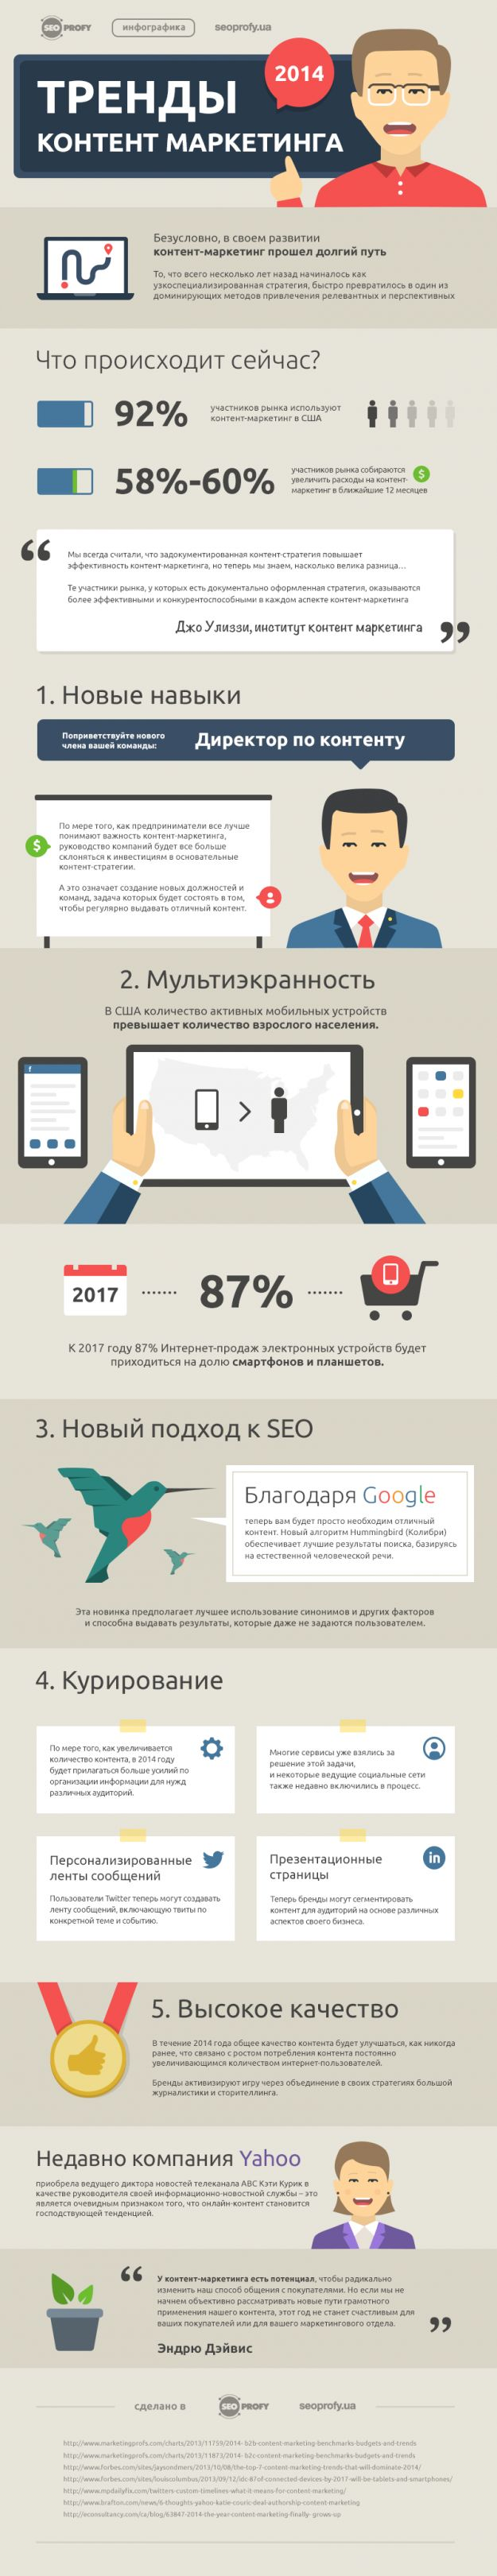 Тренды контент маркетинга в 2014 году